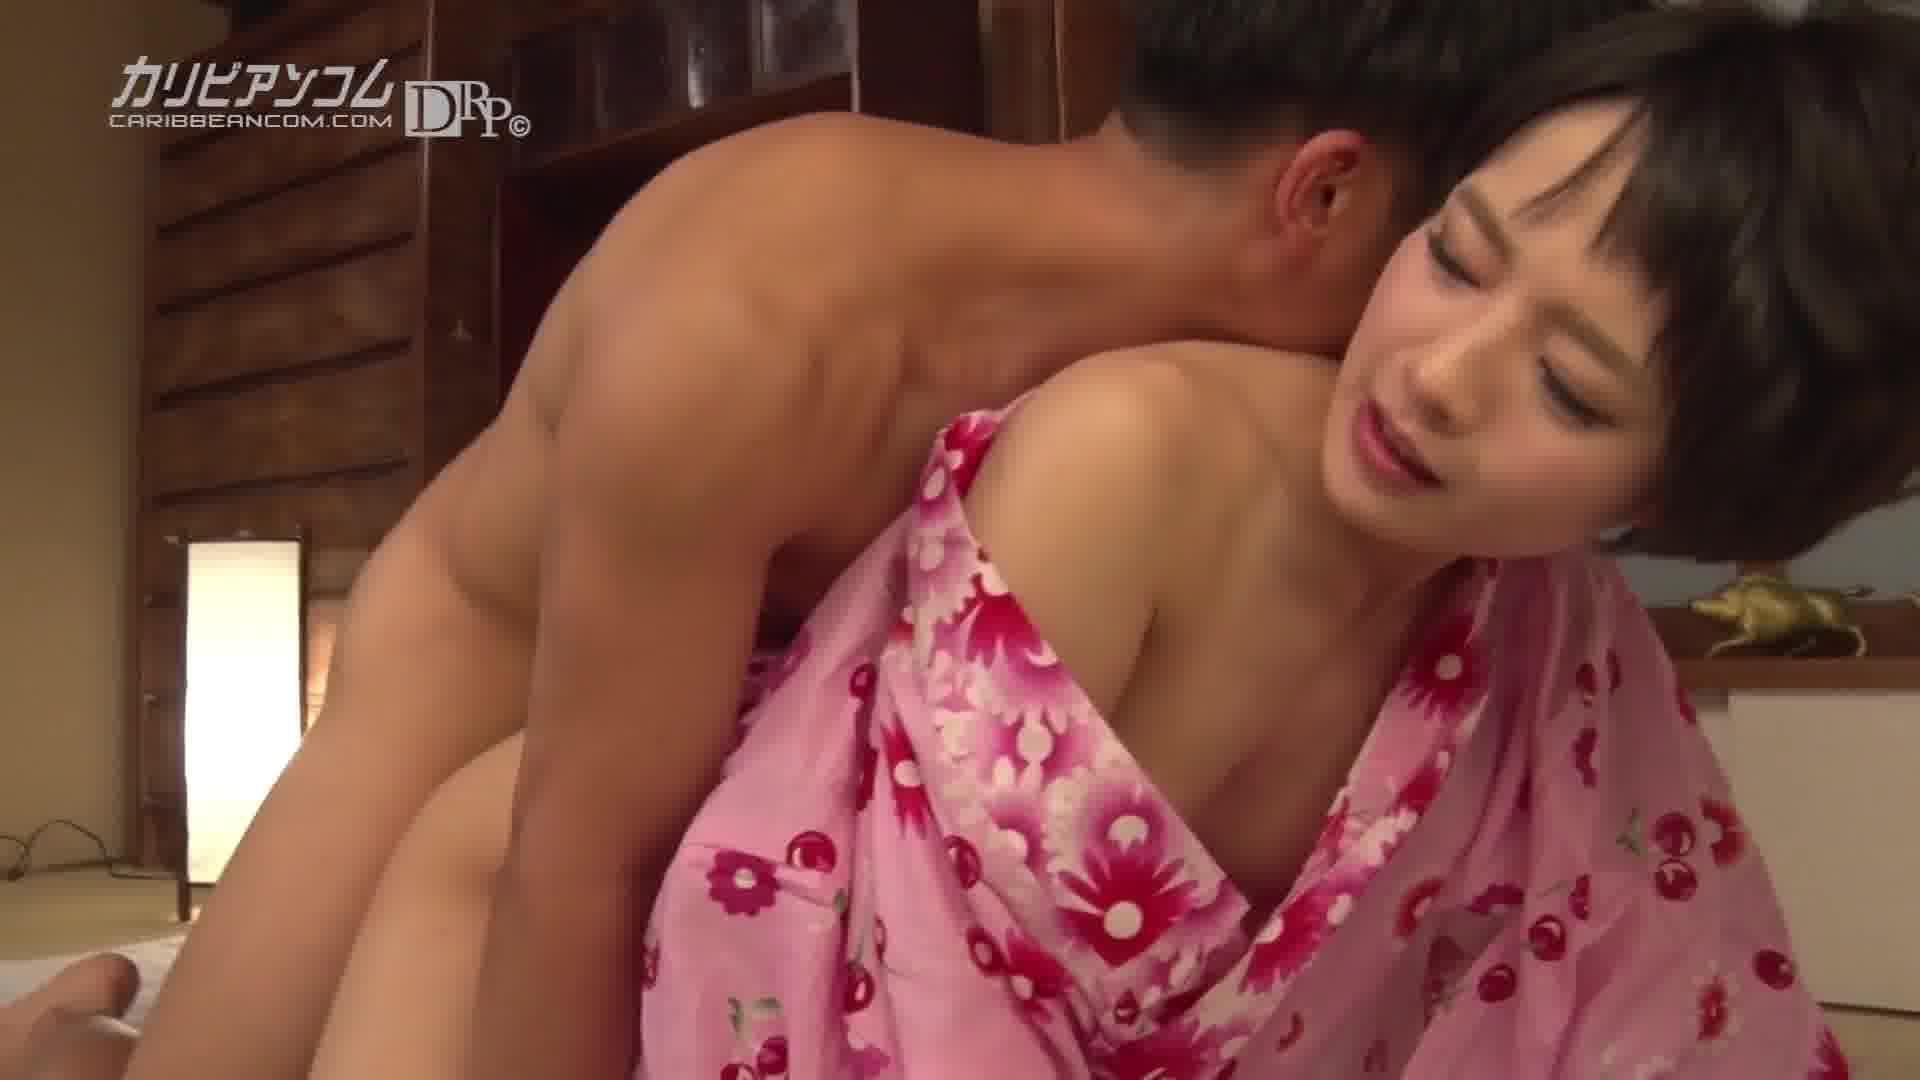 夏の想い出 Vol.10 - 羽田真里【スレンダー・浴衣・美脚】